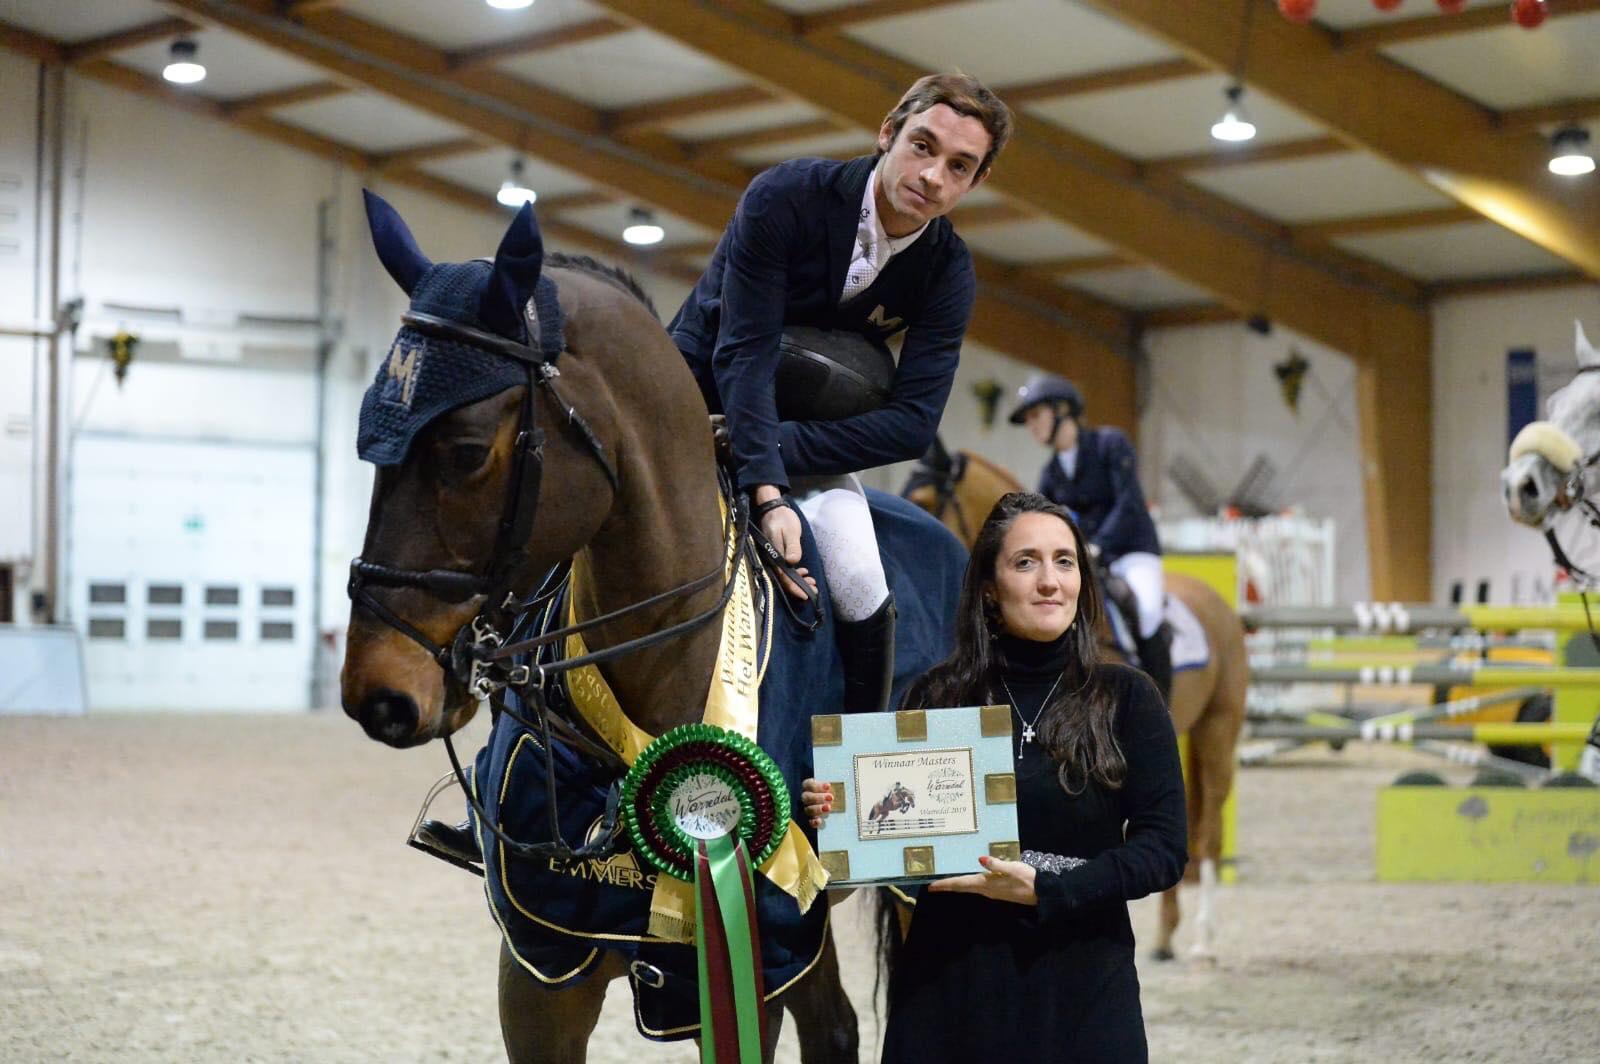 Robinson Maupiler règne dans la section Youngsters à Bocholt, troisième place pour Charlotte Philippe